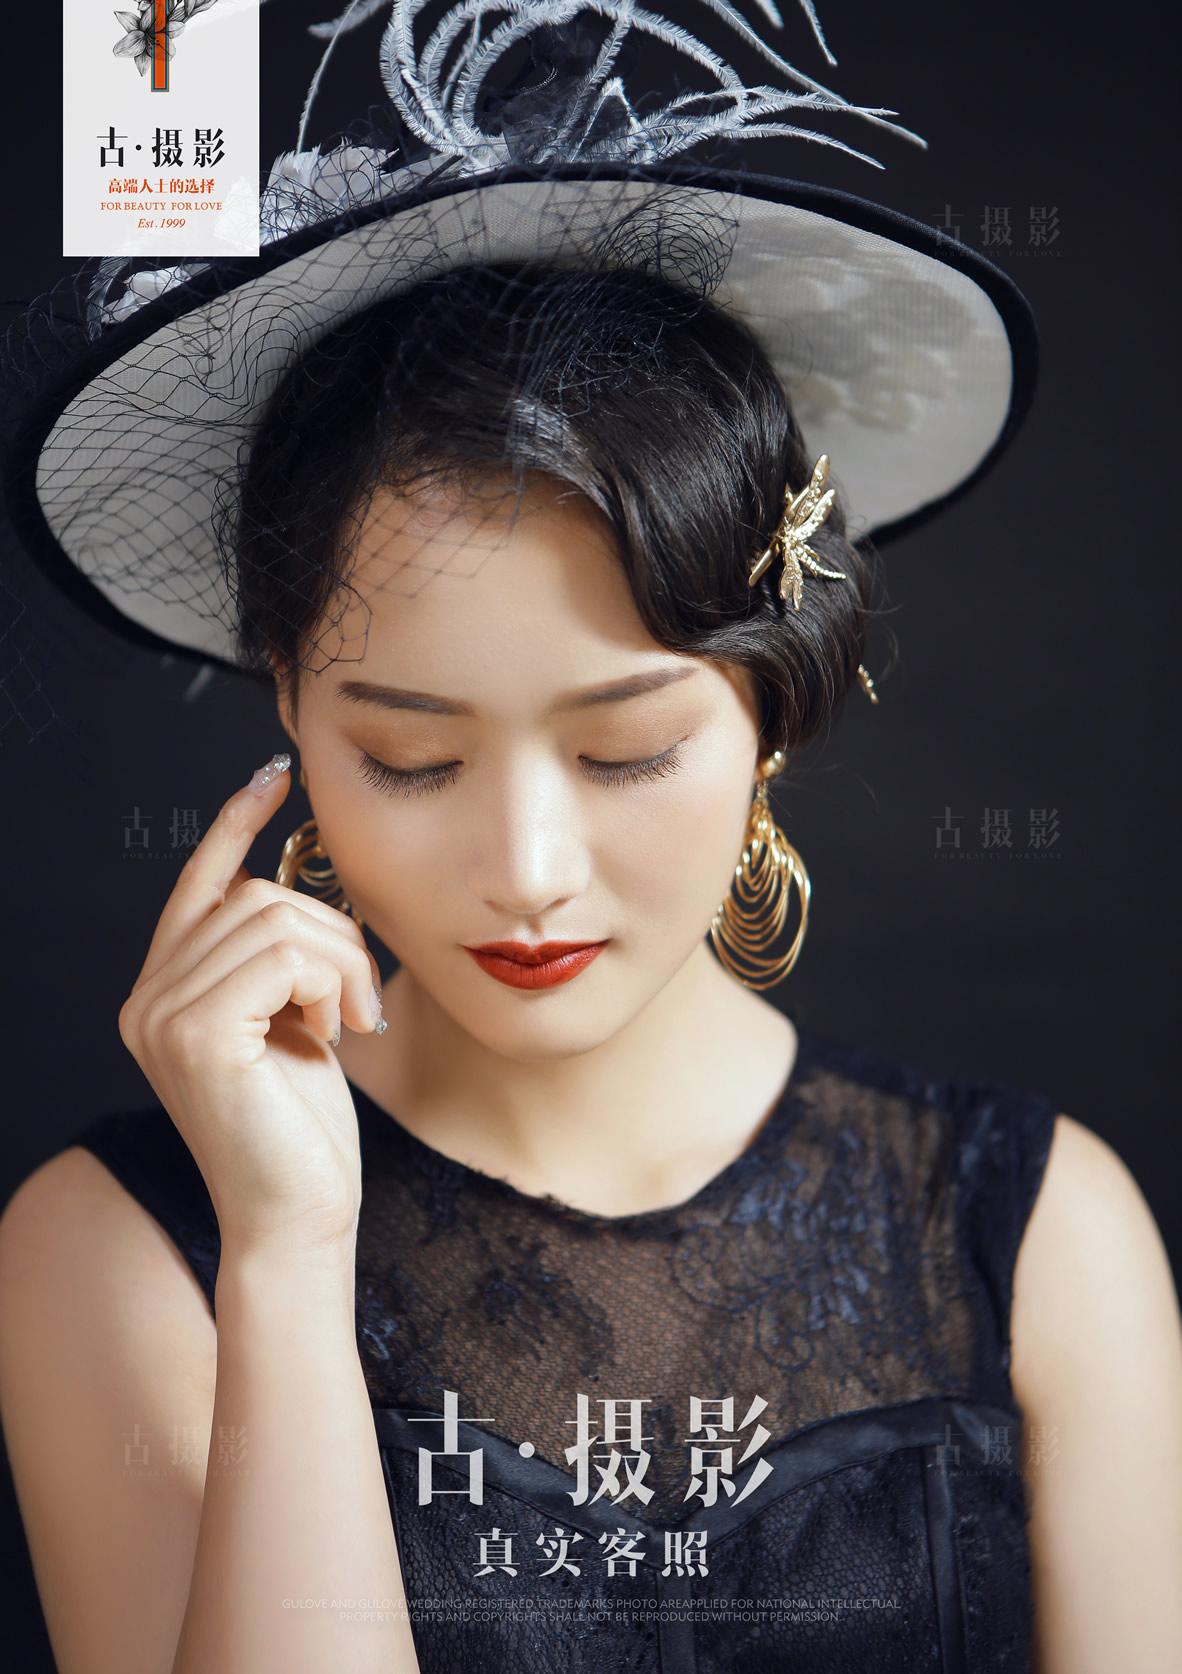 6月13日客片庞先生 刘小姐 - 每日客照 - love昆明古摄影-昆明婚纱摄影网